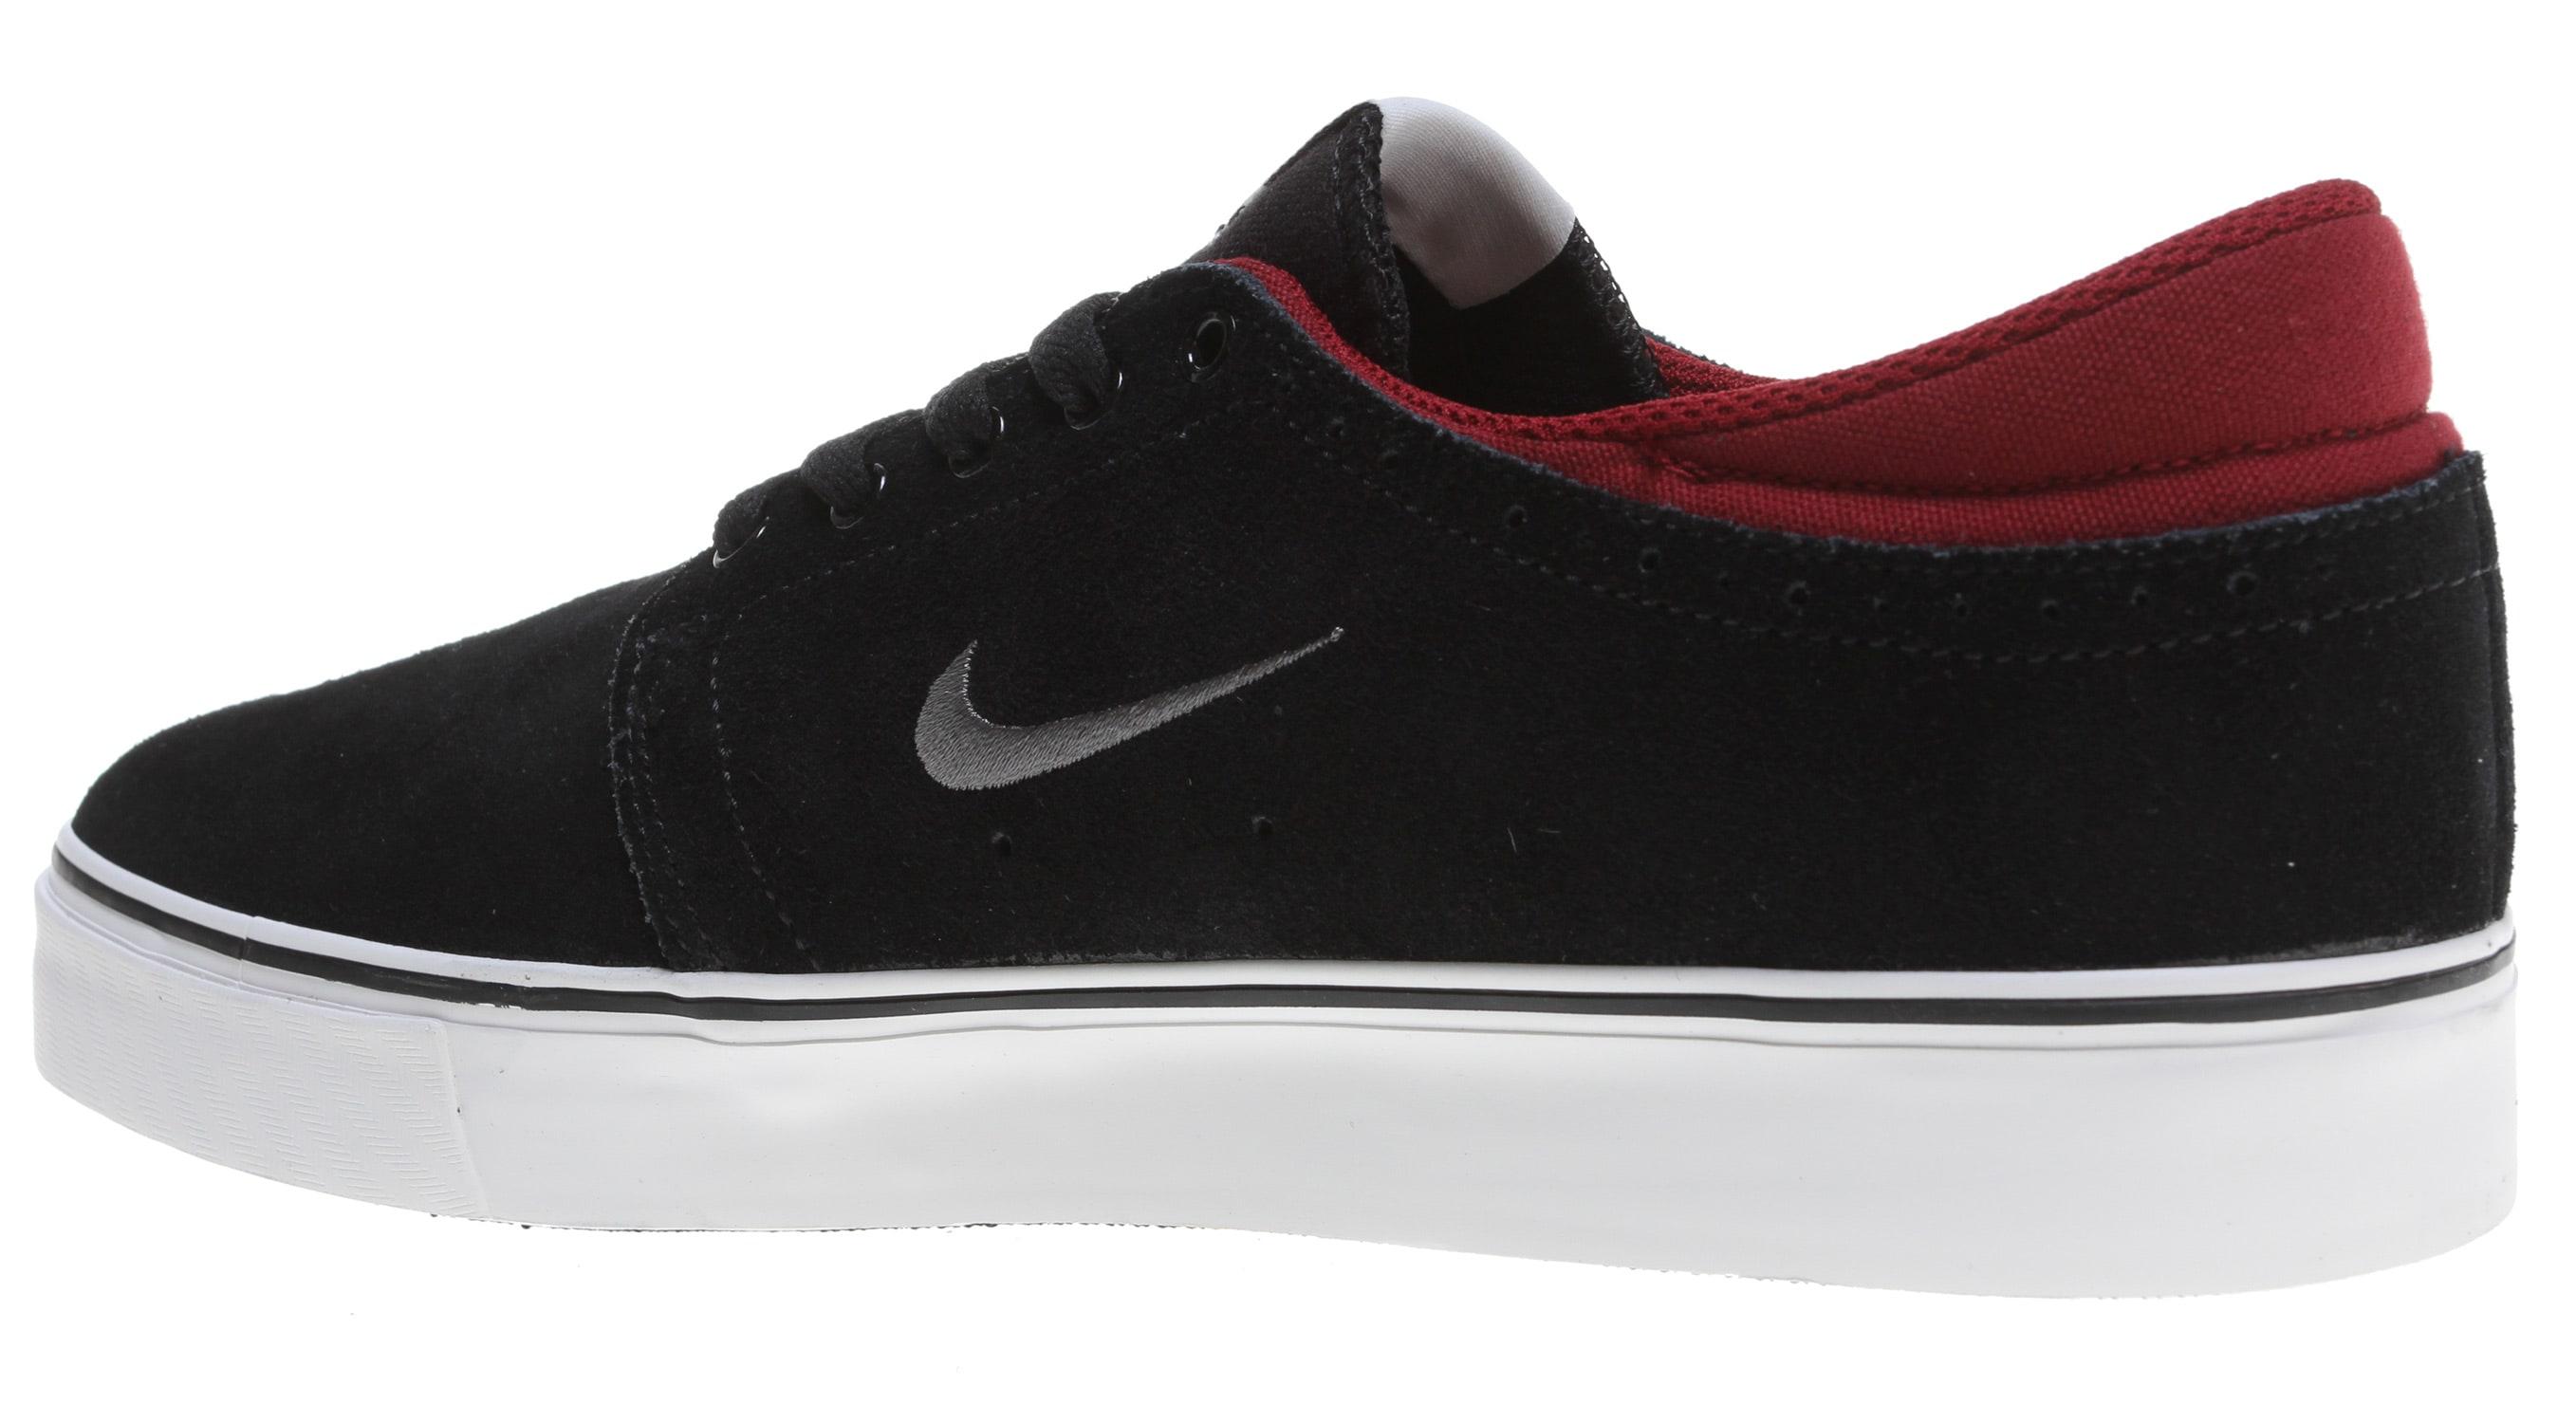 a29db17113f2 Nike Zoom Team Edition SB Skate Shoes - thumbnail 3